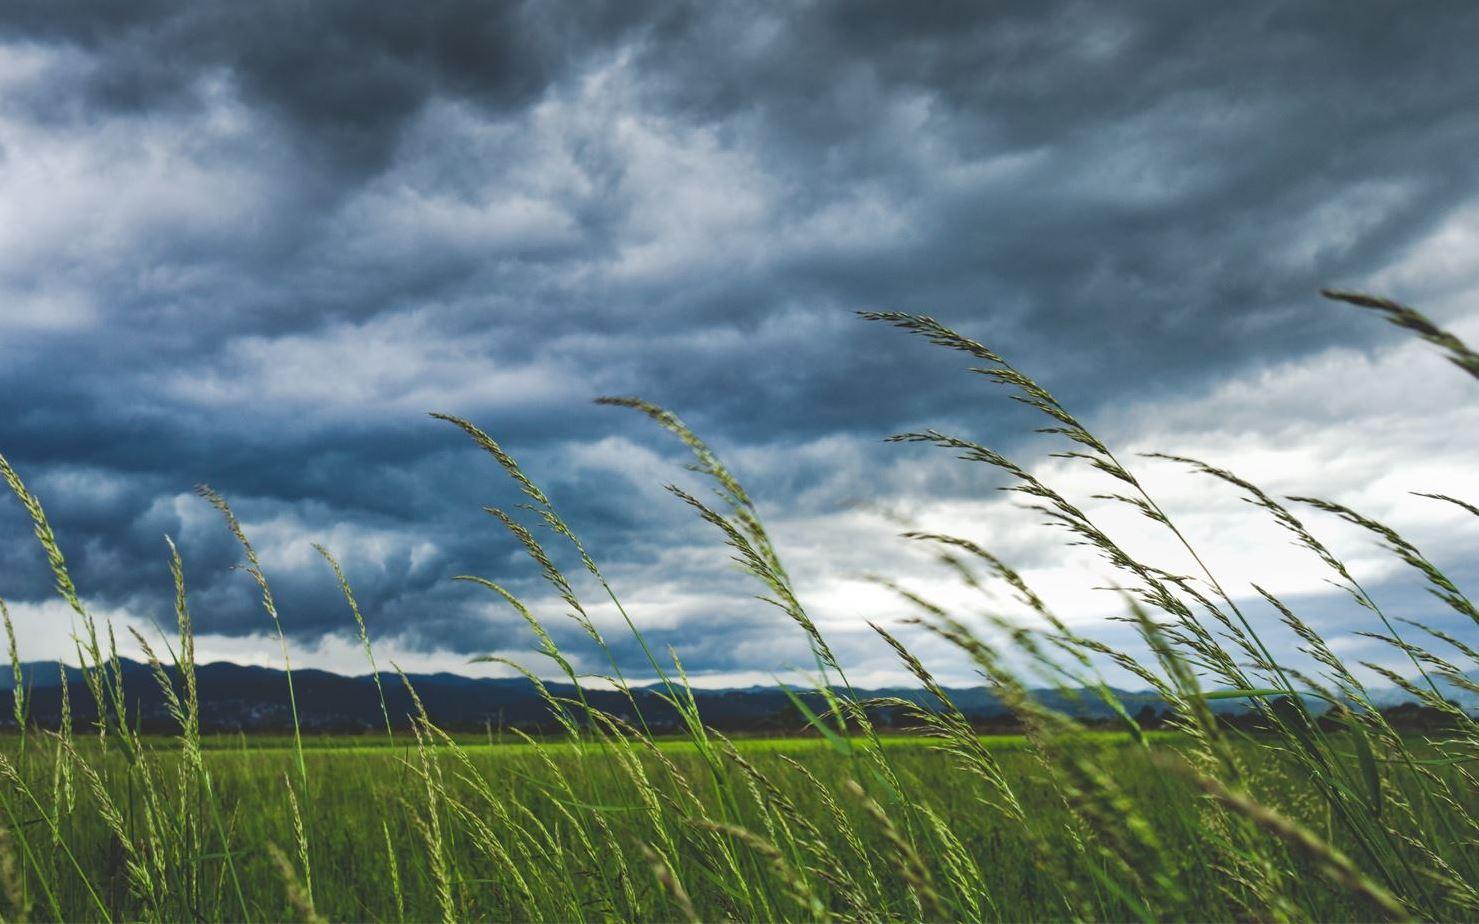 Ο καιρός με την Αναστασία Τυράσκη: Πτώση της θερμοκρασίας και βροχές στα ανατολικά (video)